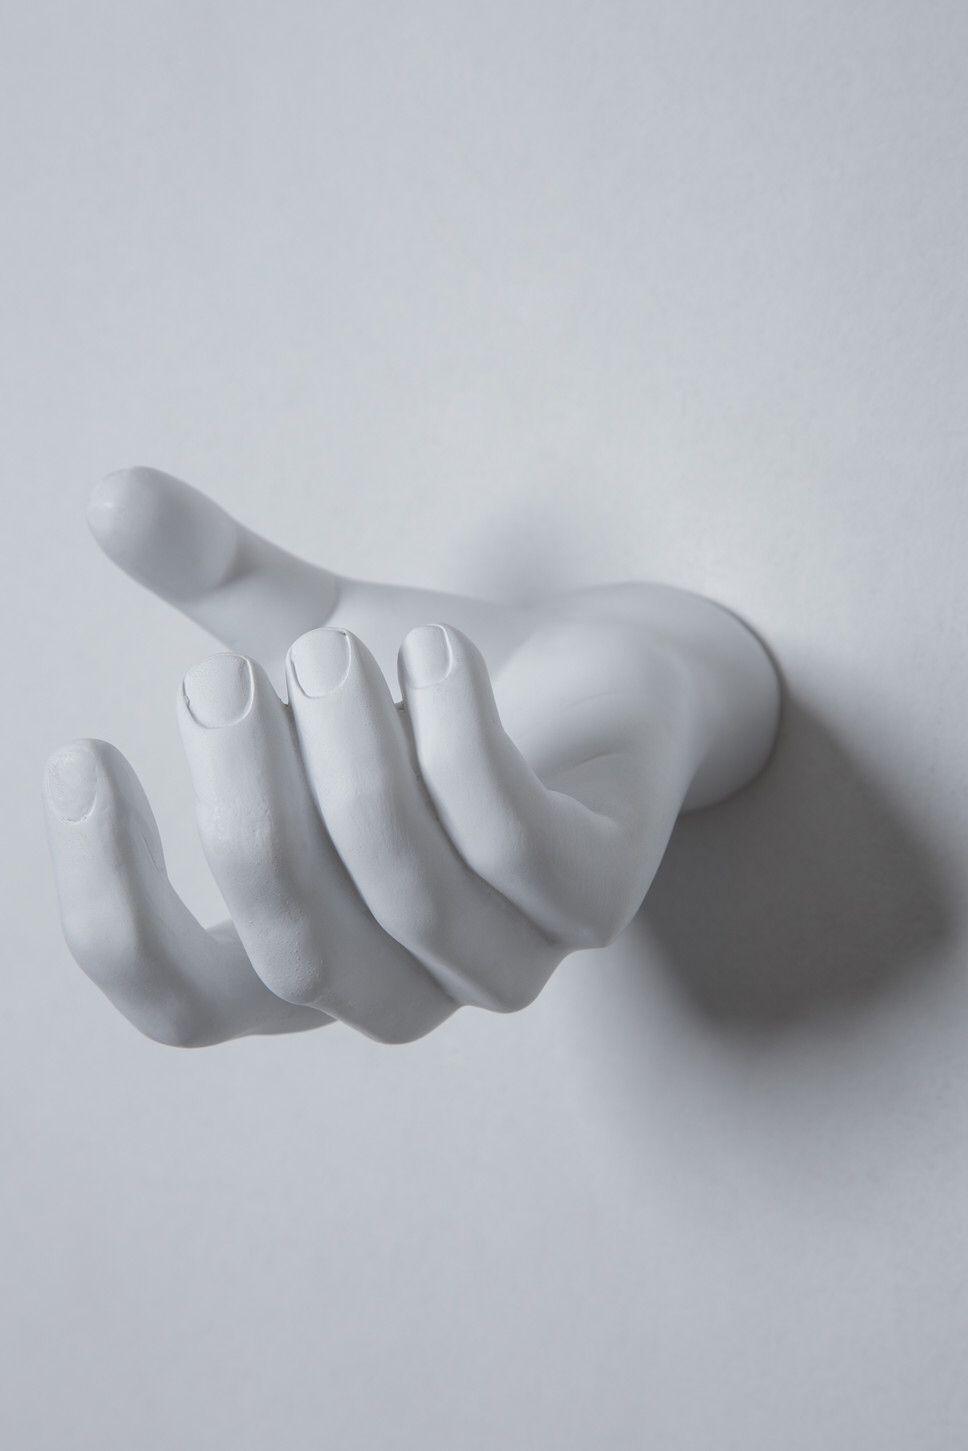 Hand Grabbing Wall Hook Modern Wall Hooks Hand Sculpture Wall